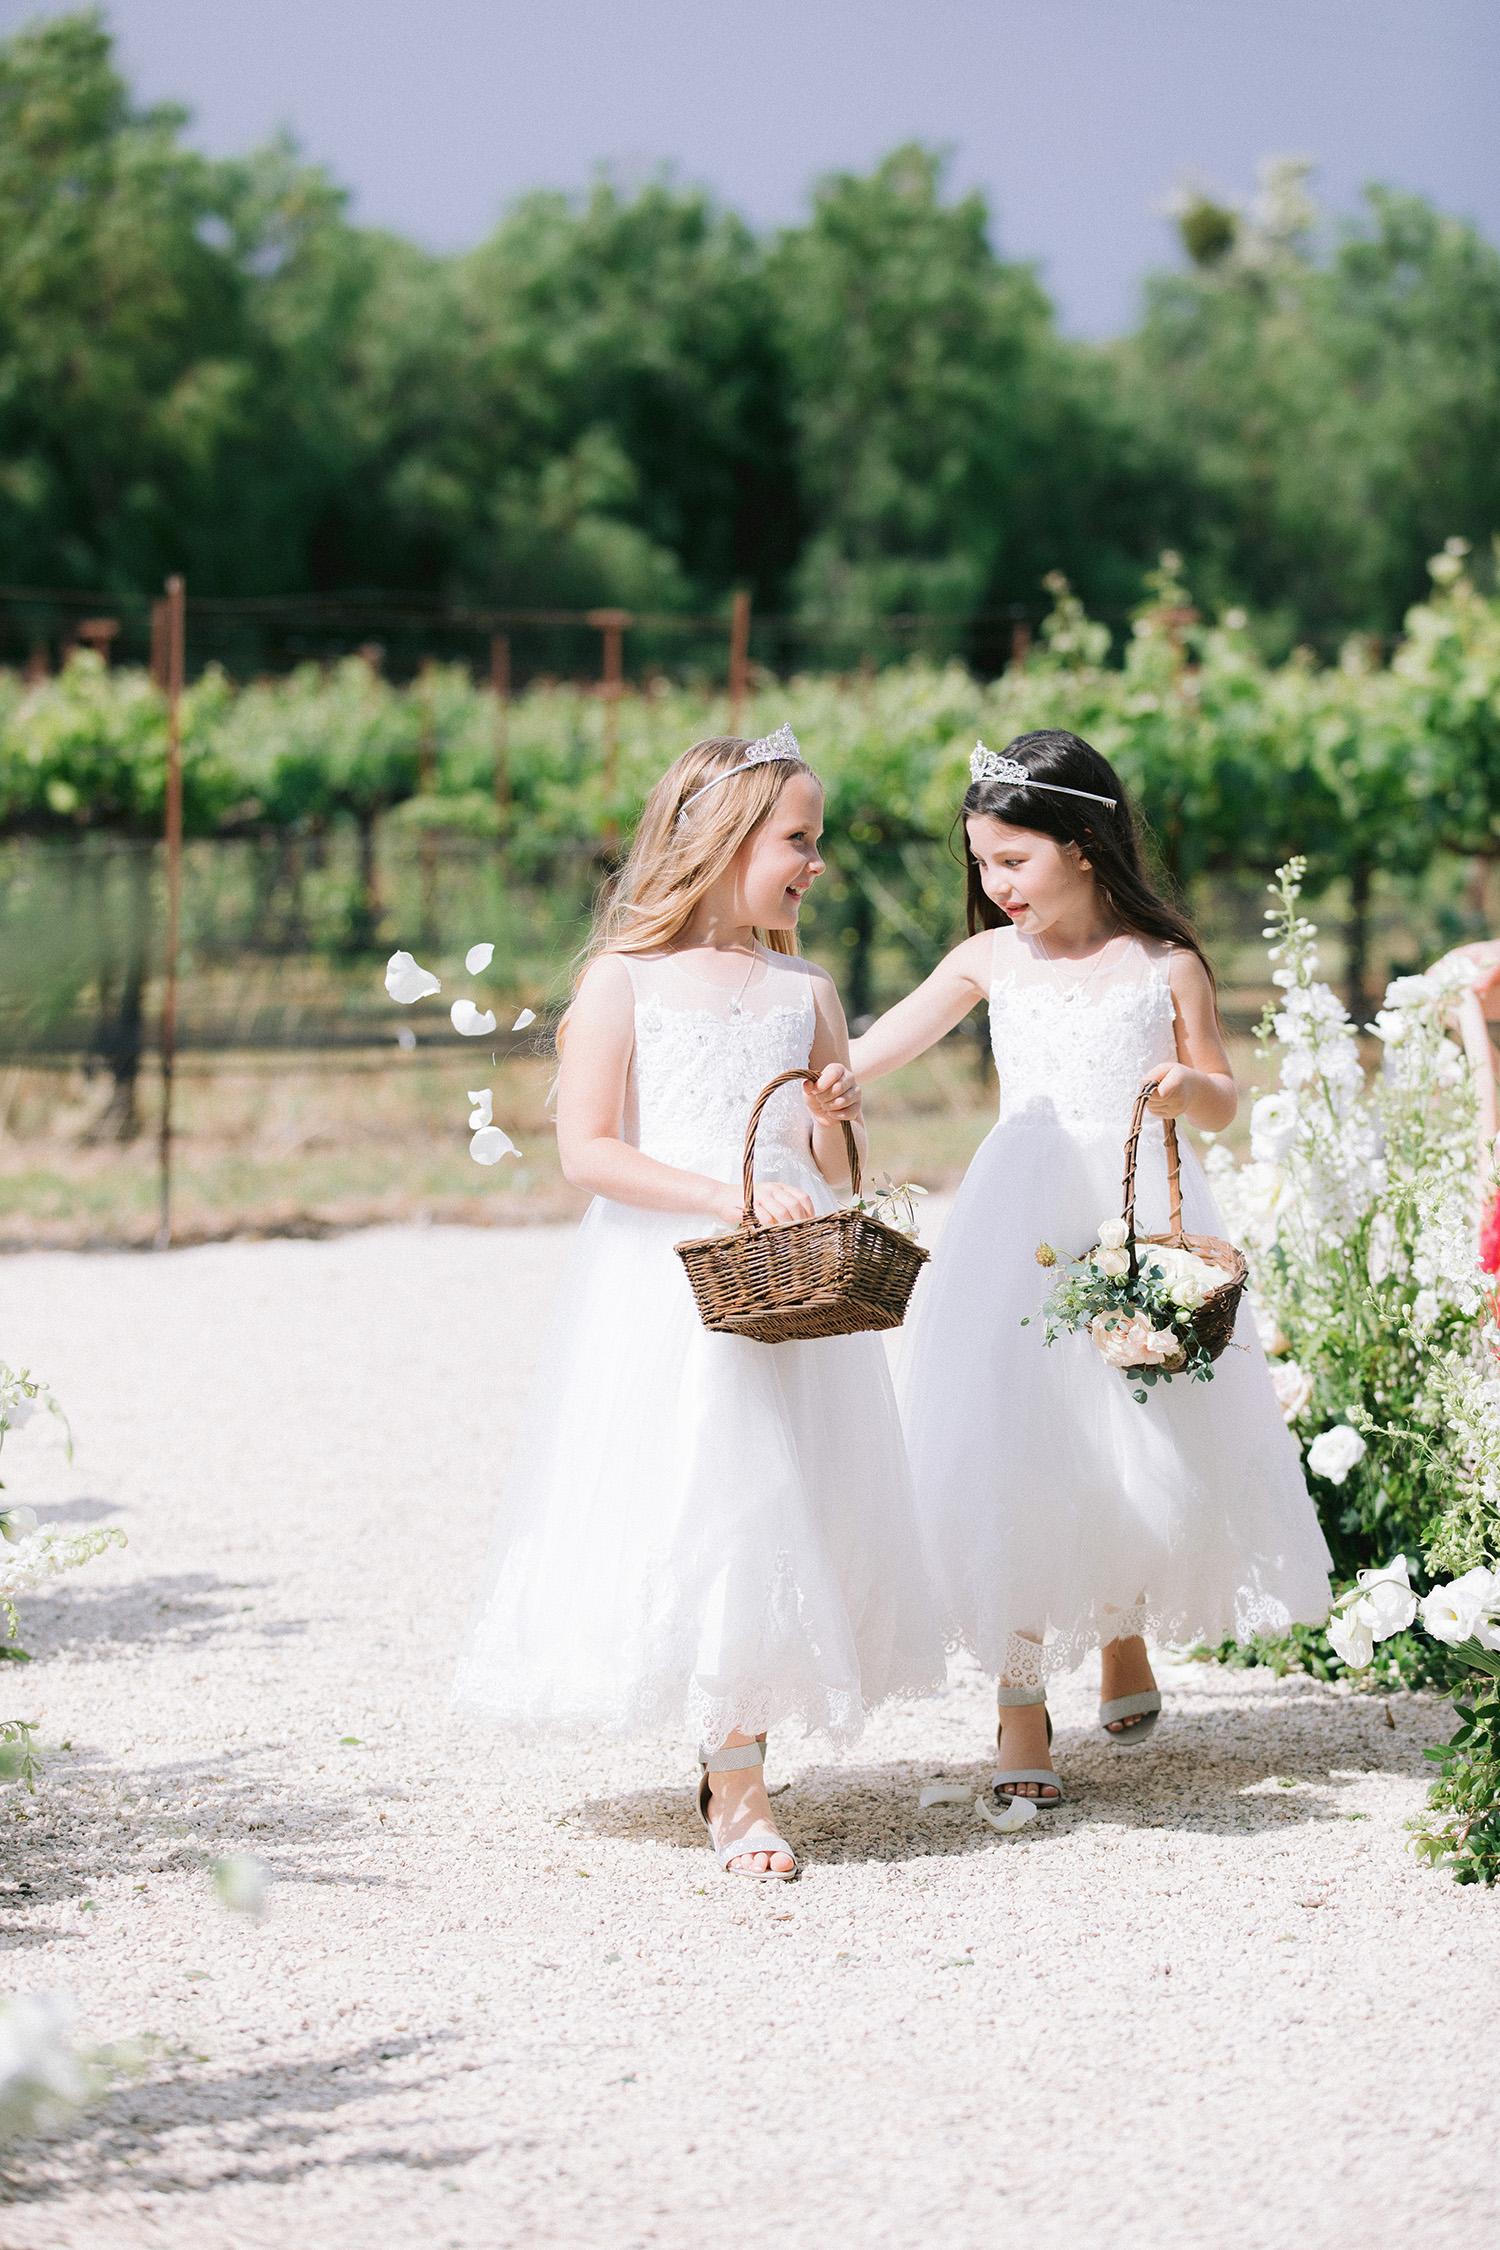 kati erik wedding flower girls